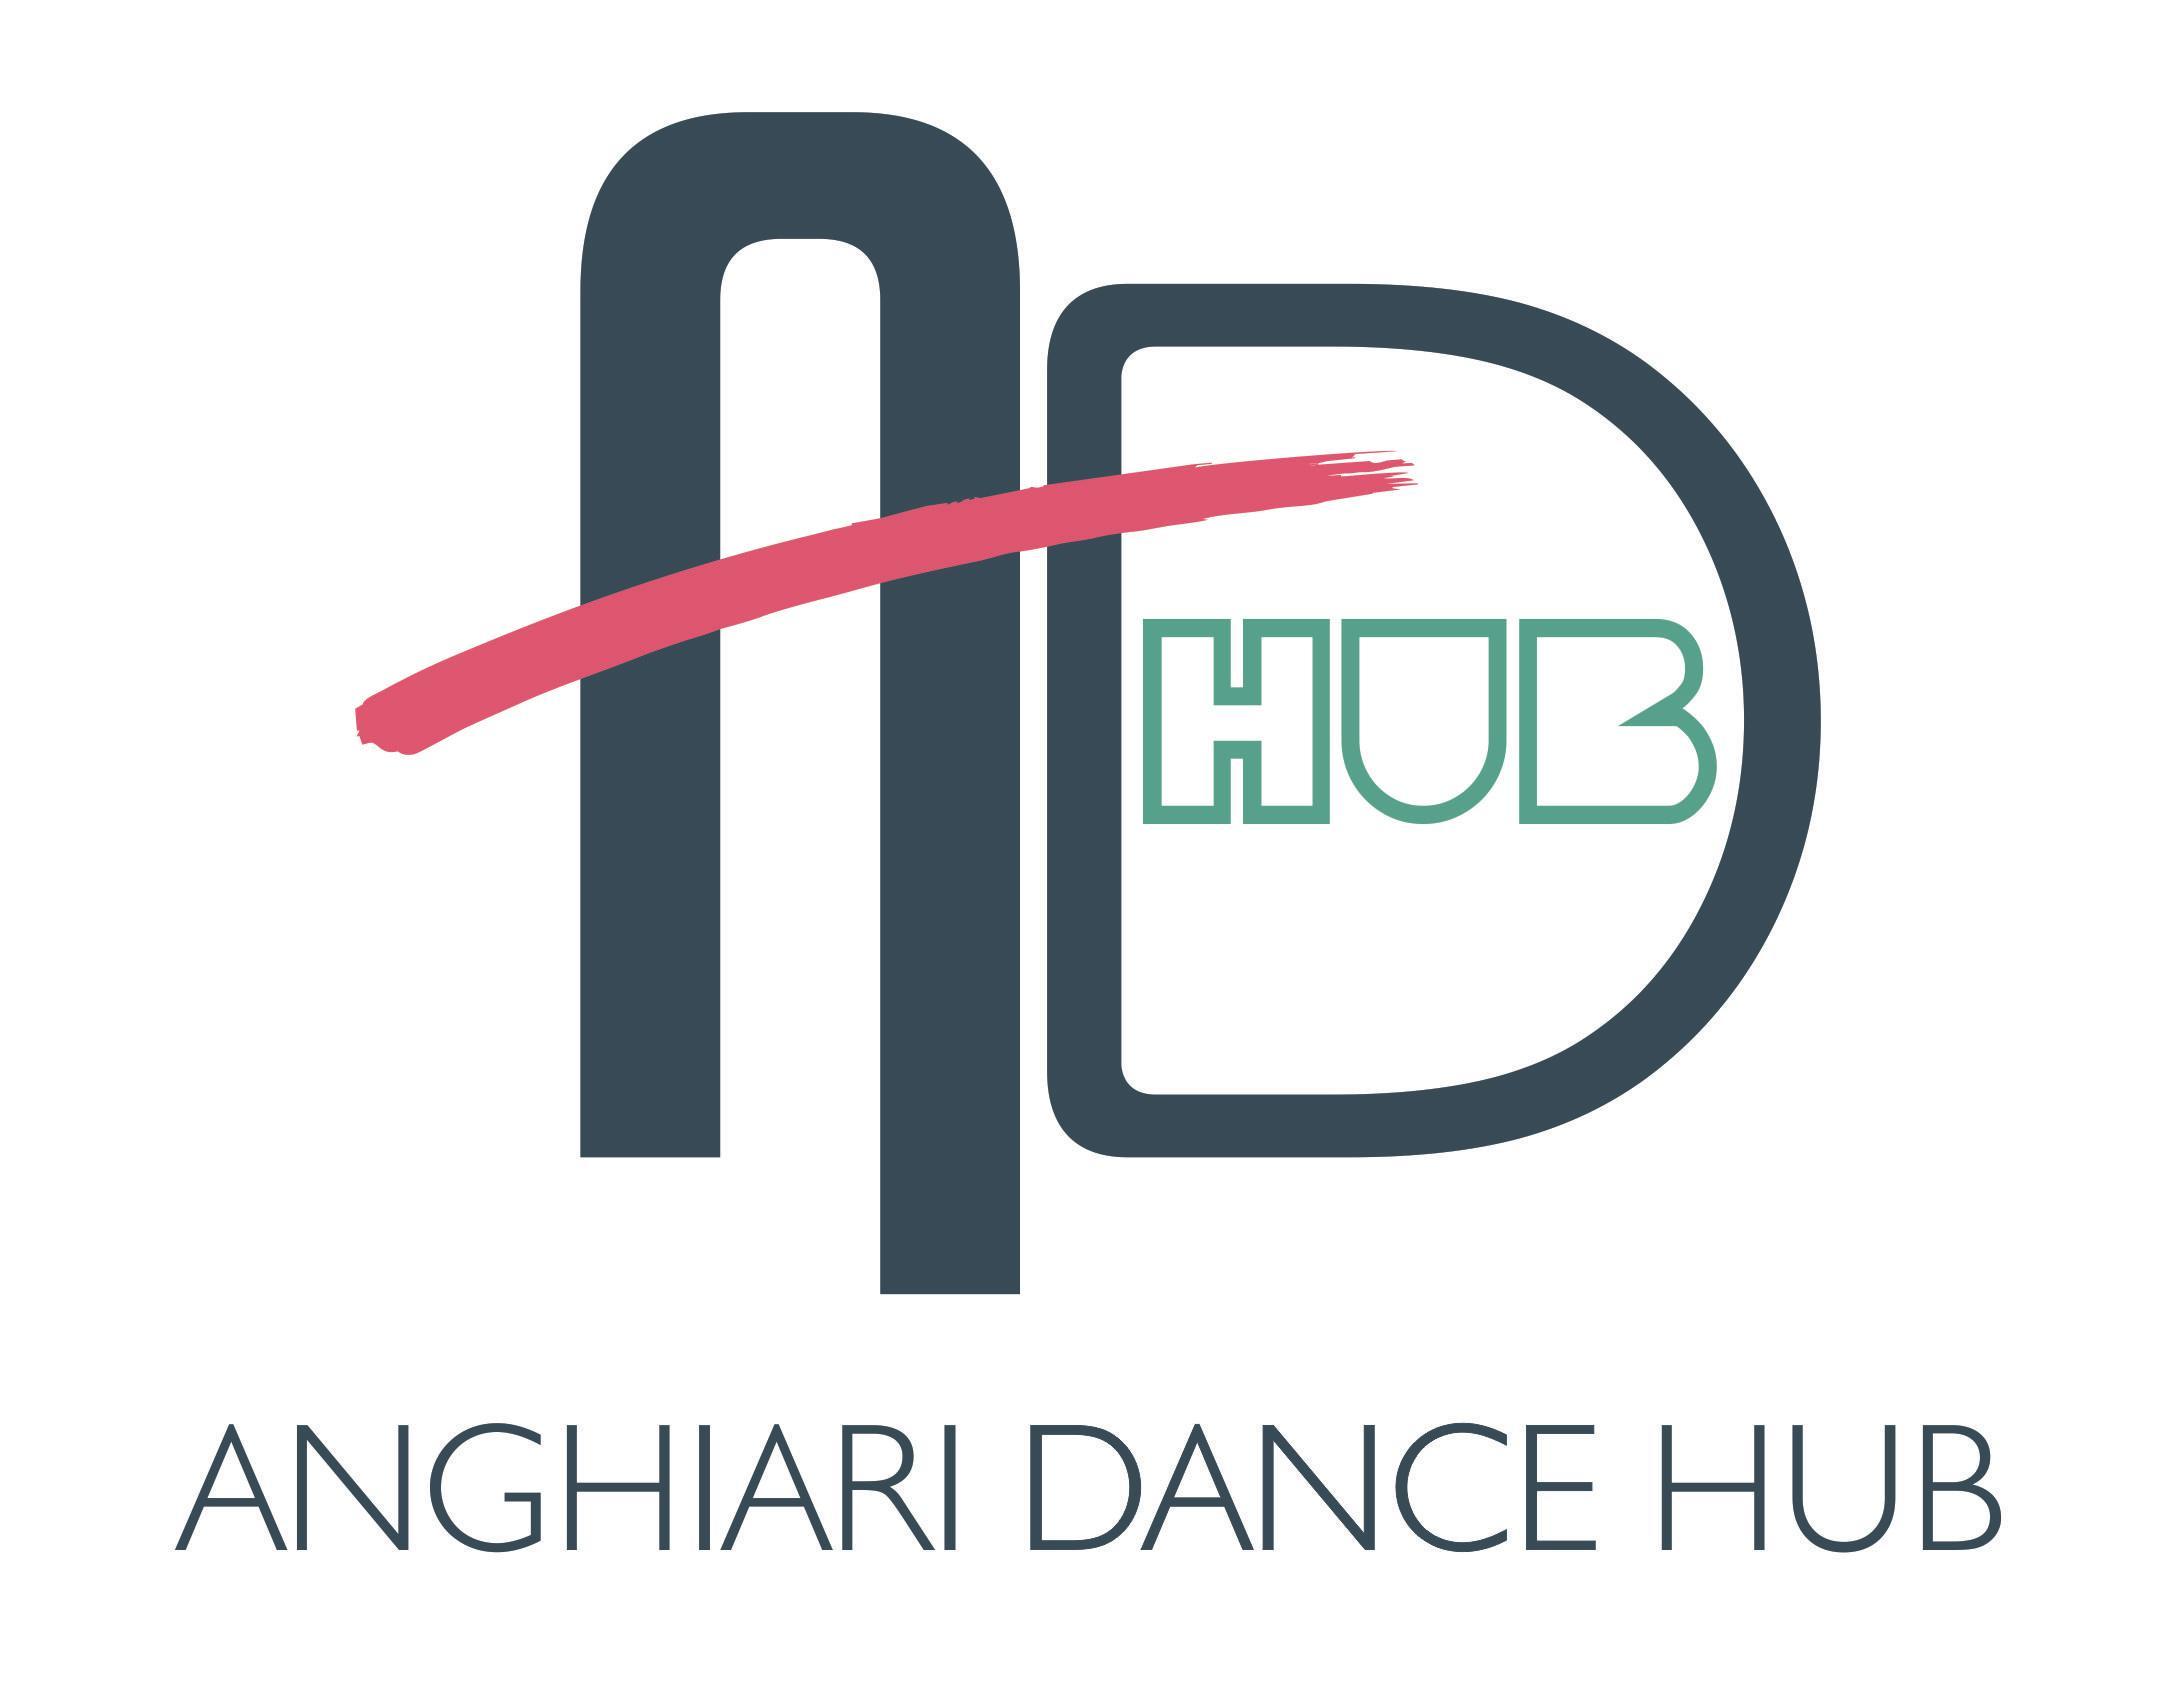 Risultati immagini per anghiari dance hub